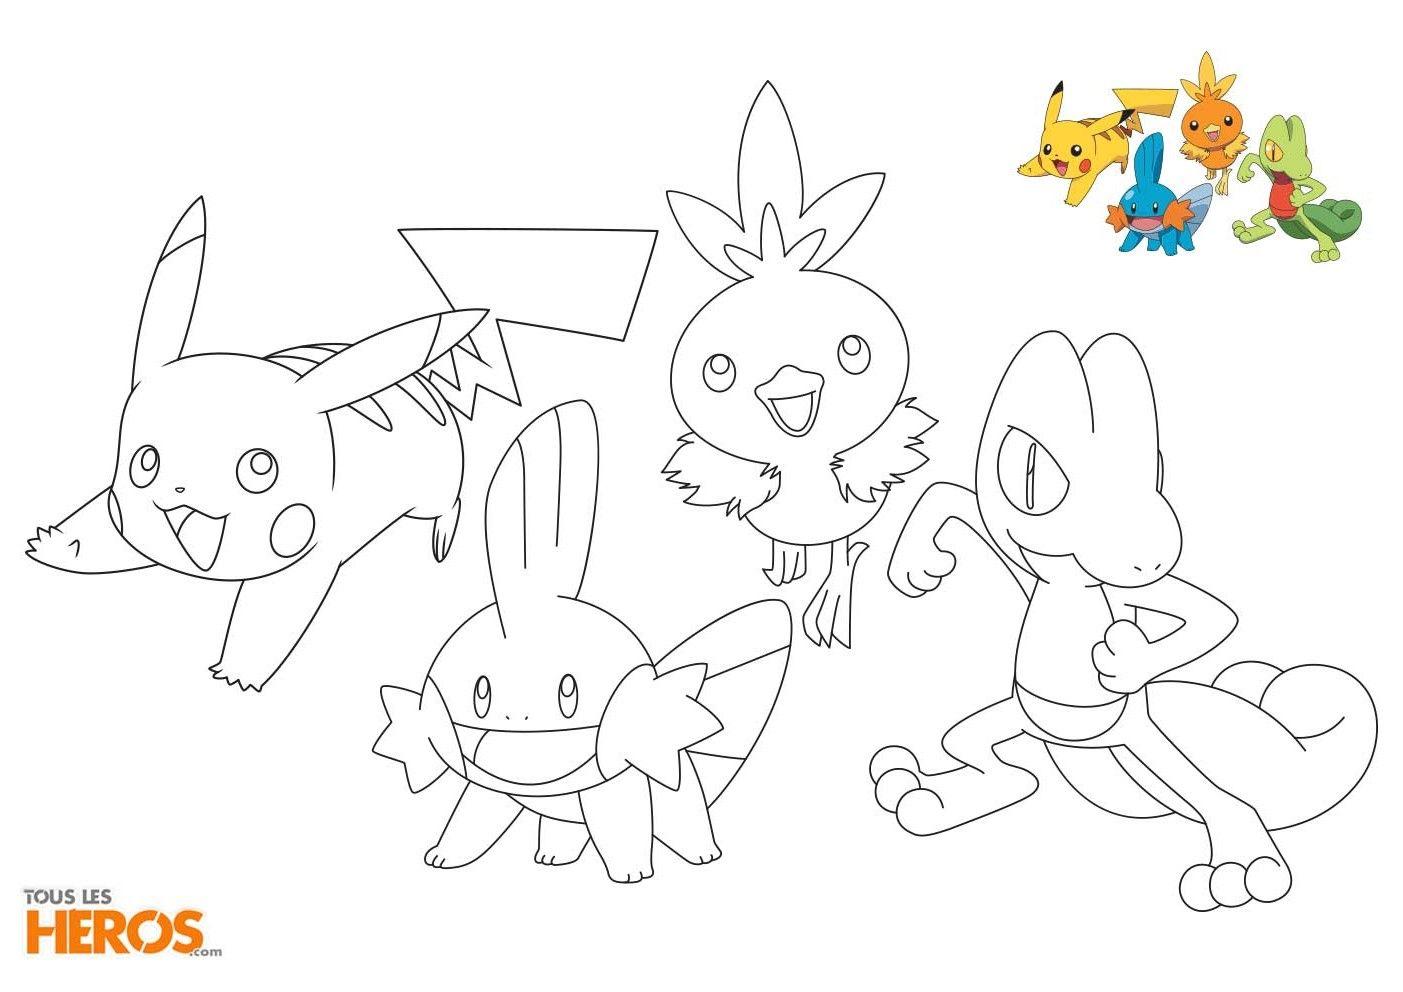 Epingle Par Aurelie Marquet Sur Les Alphas Coloriage Pokemon Coloriage Pokemon A Imprimer Pokemon A Imprimer